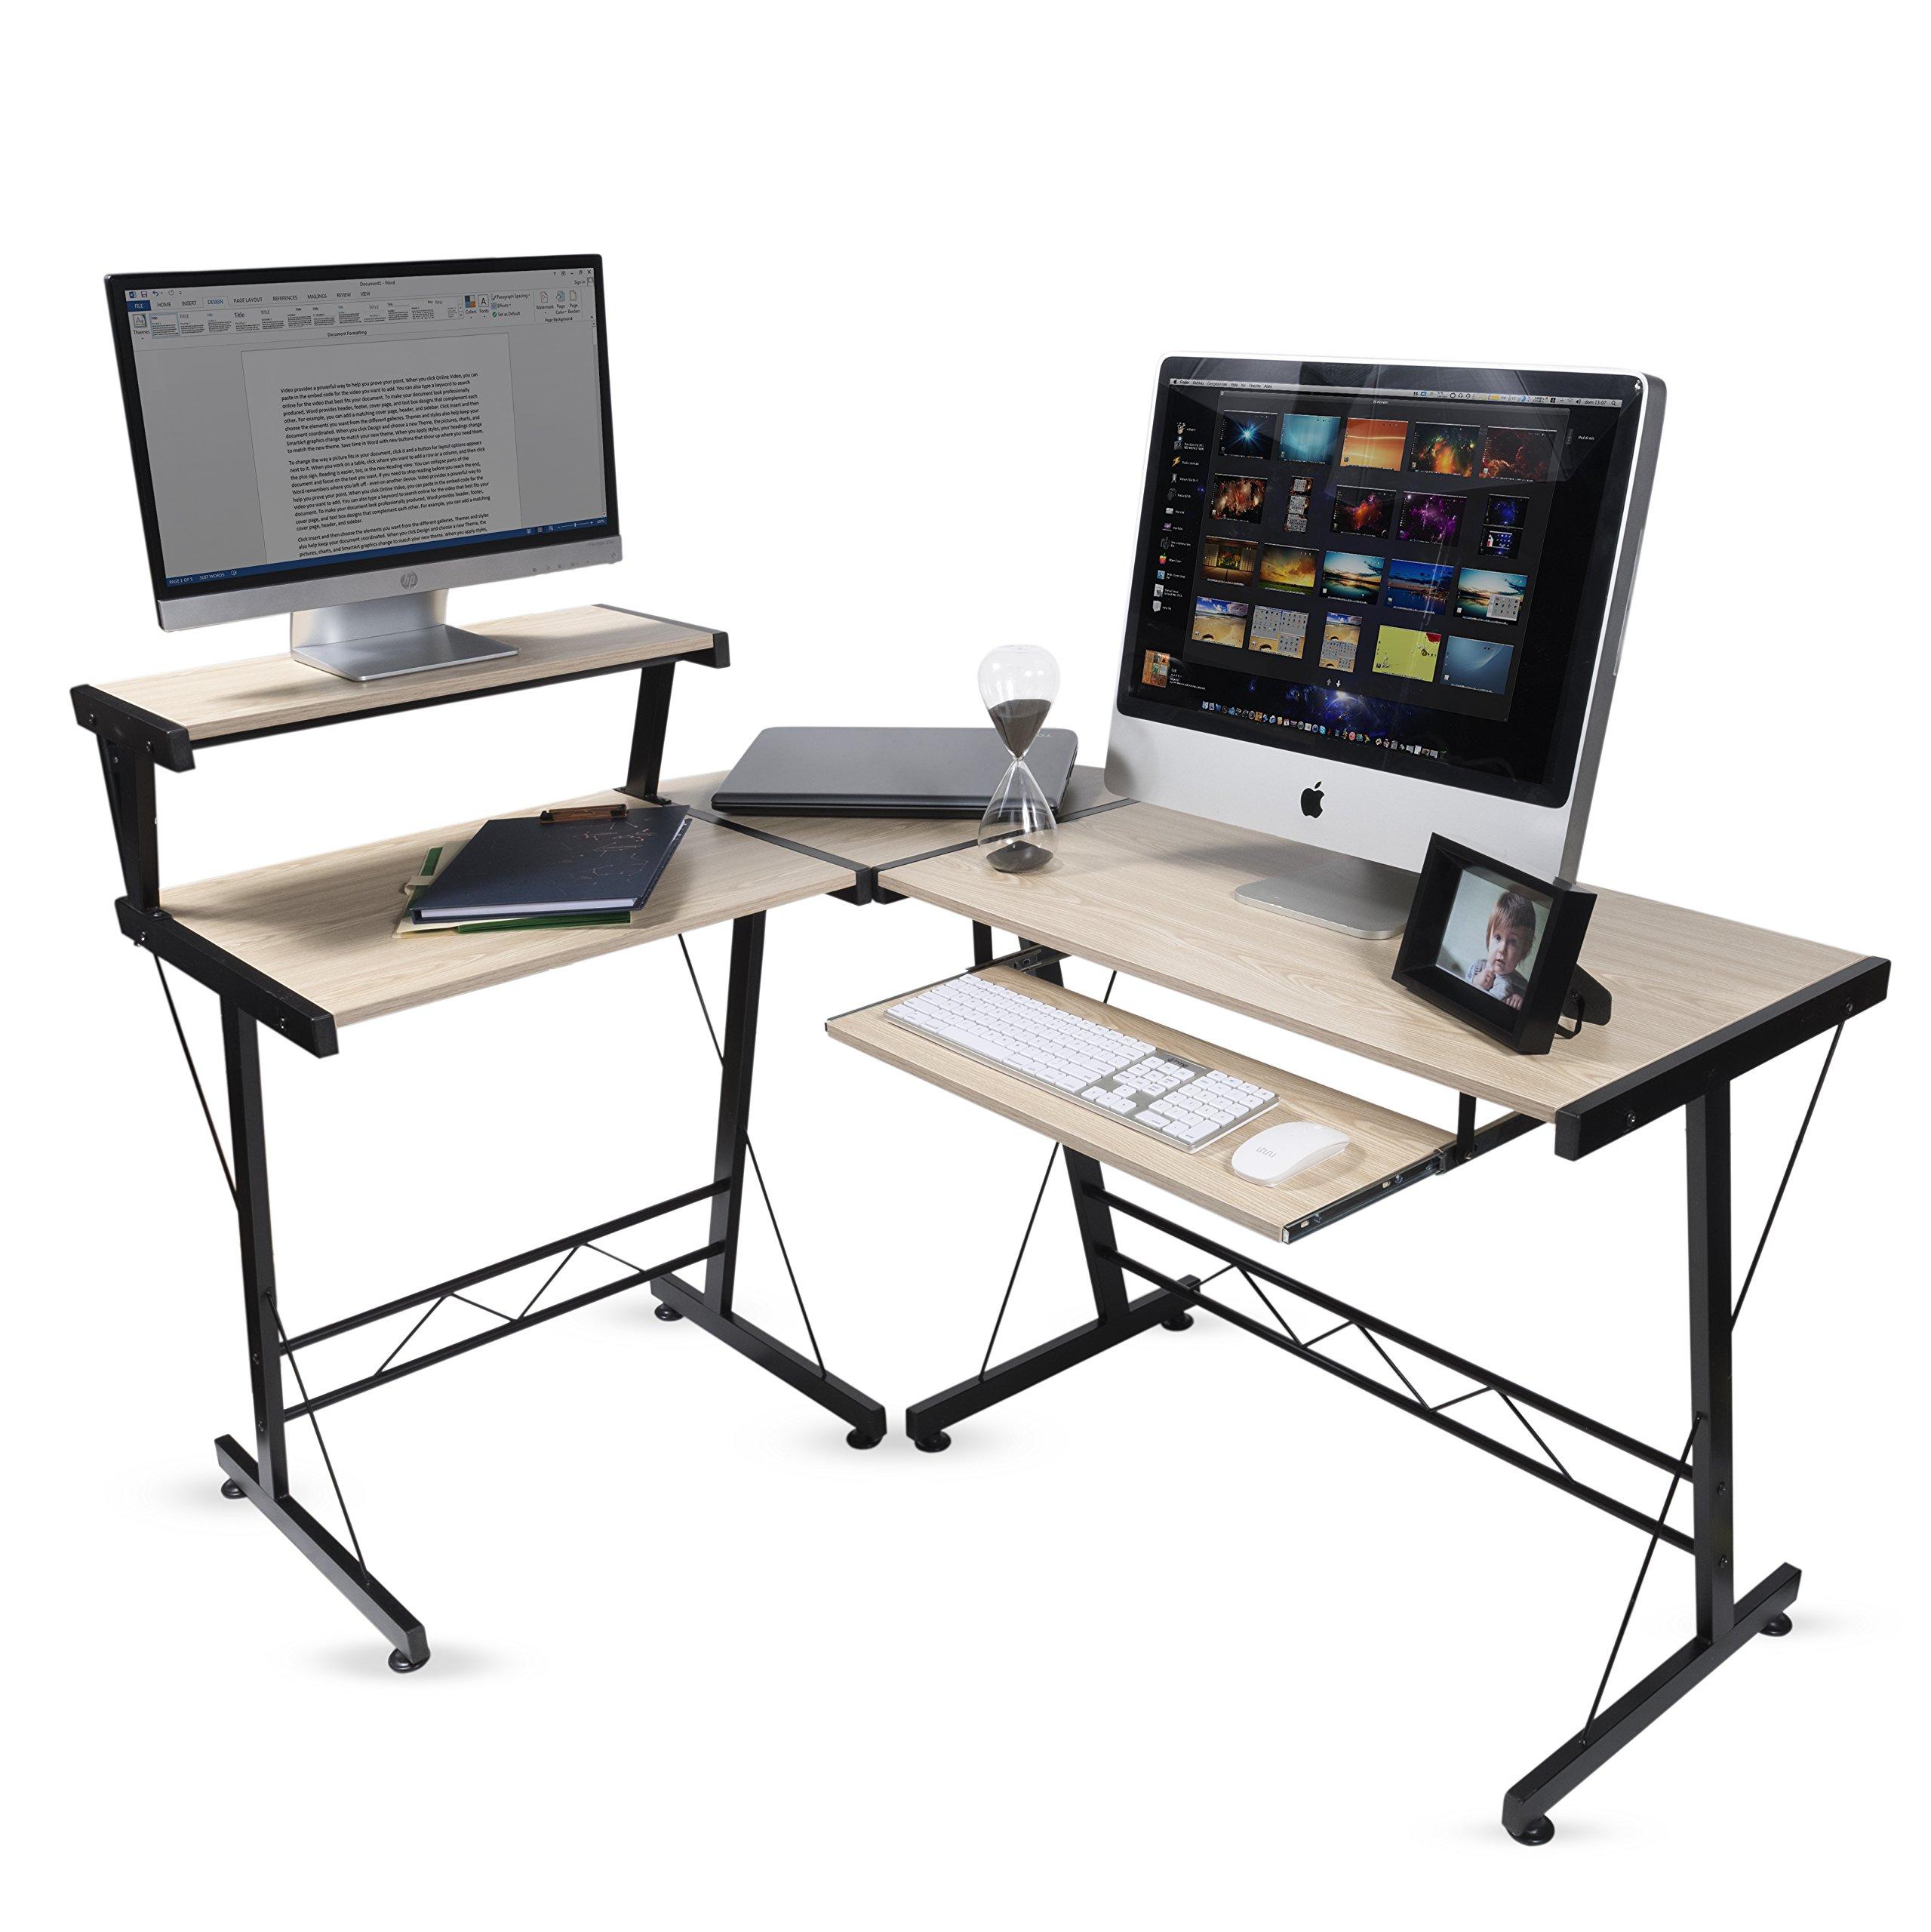 Modern Design Durable L Shape Computer Desk Workstation for Office , Home Office , Dorm Room , Natural Birch Color with Black Frame